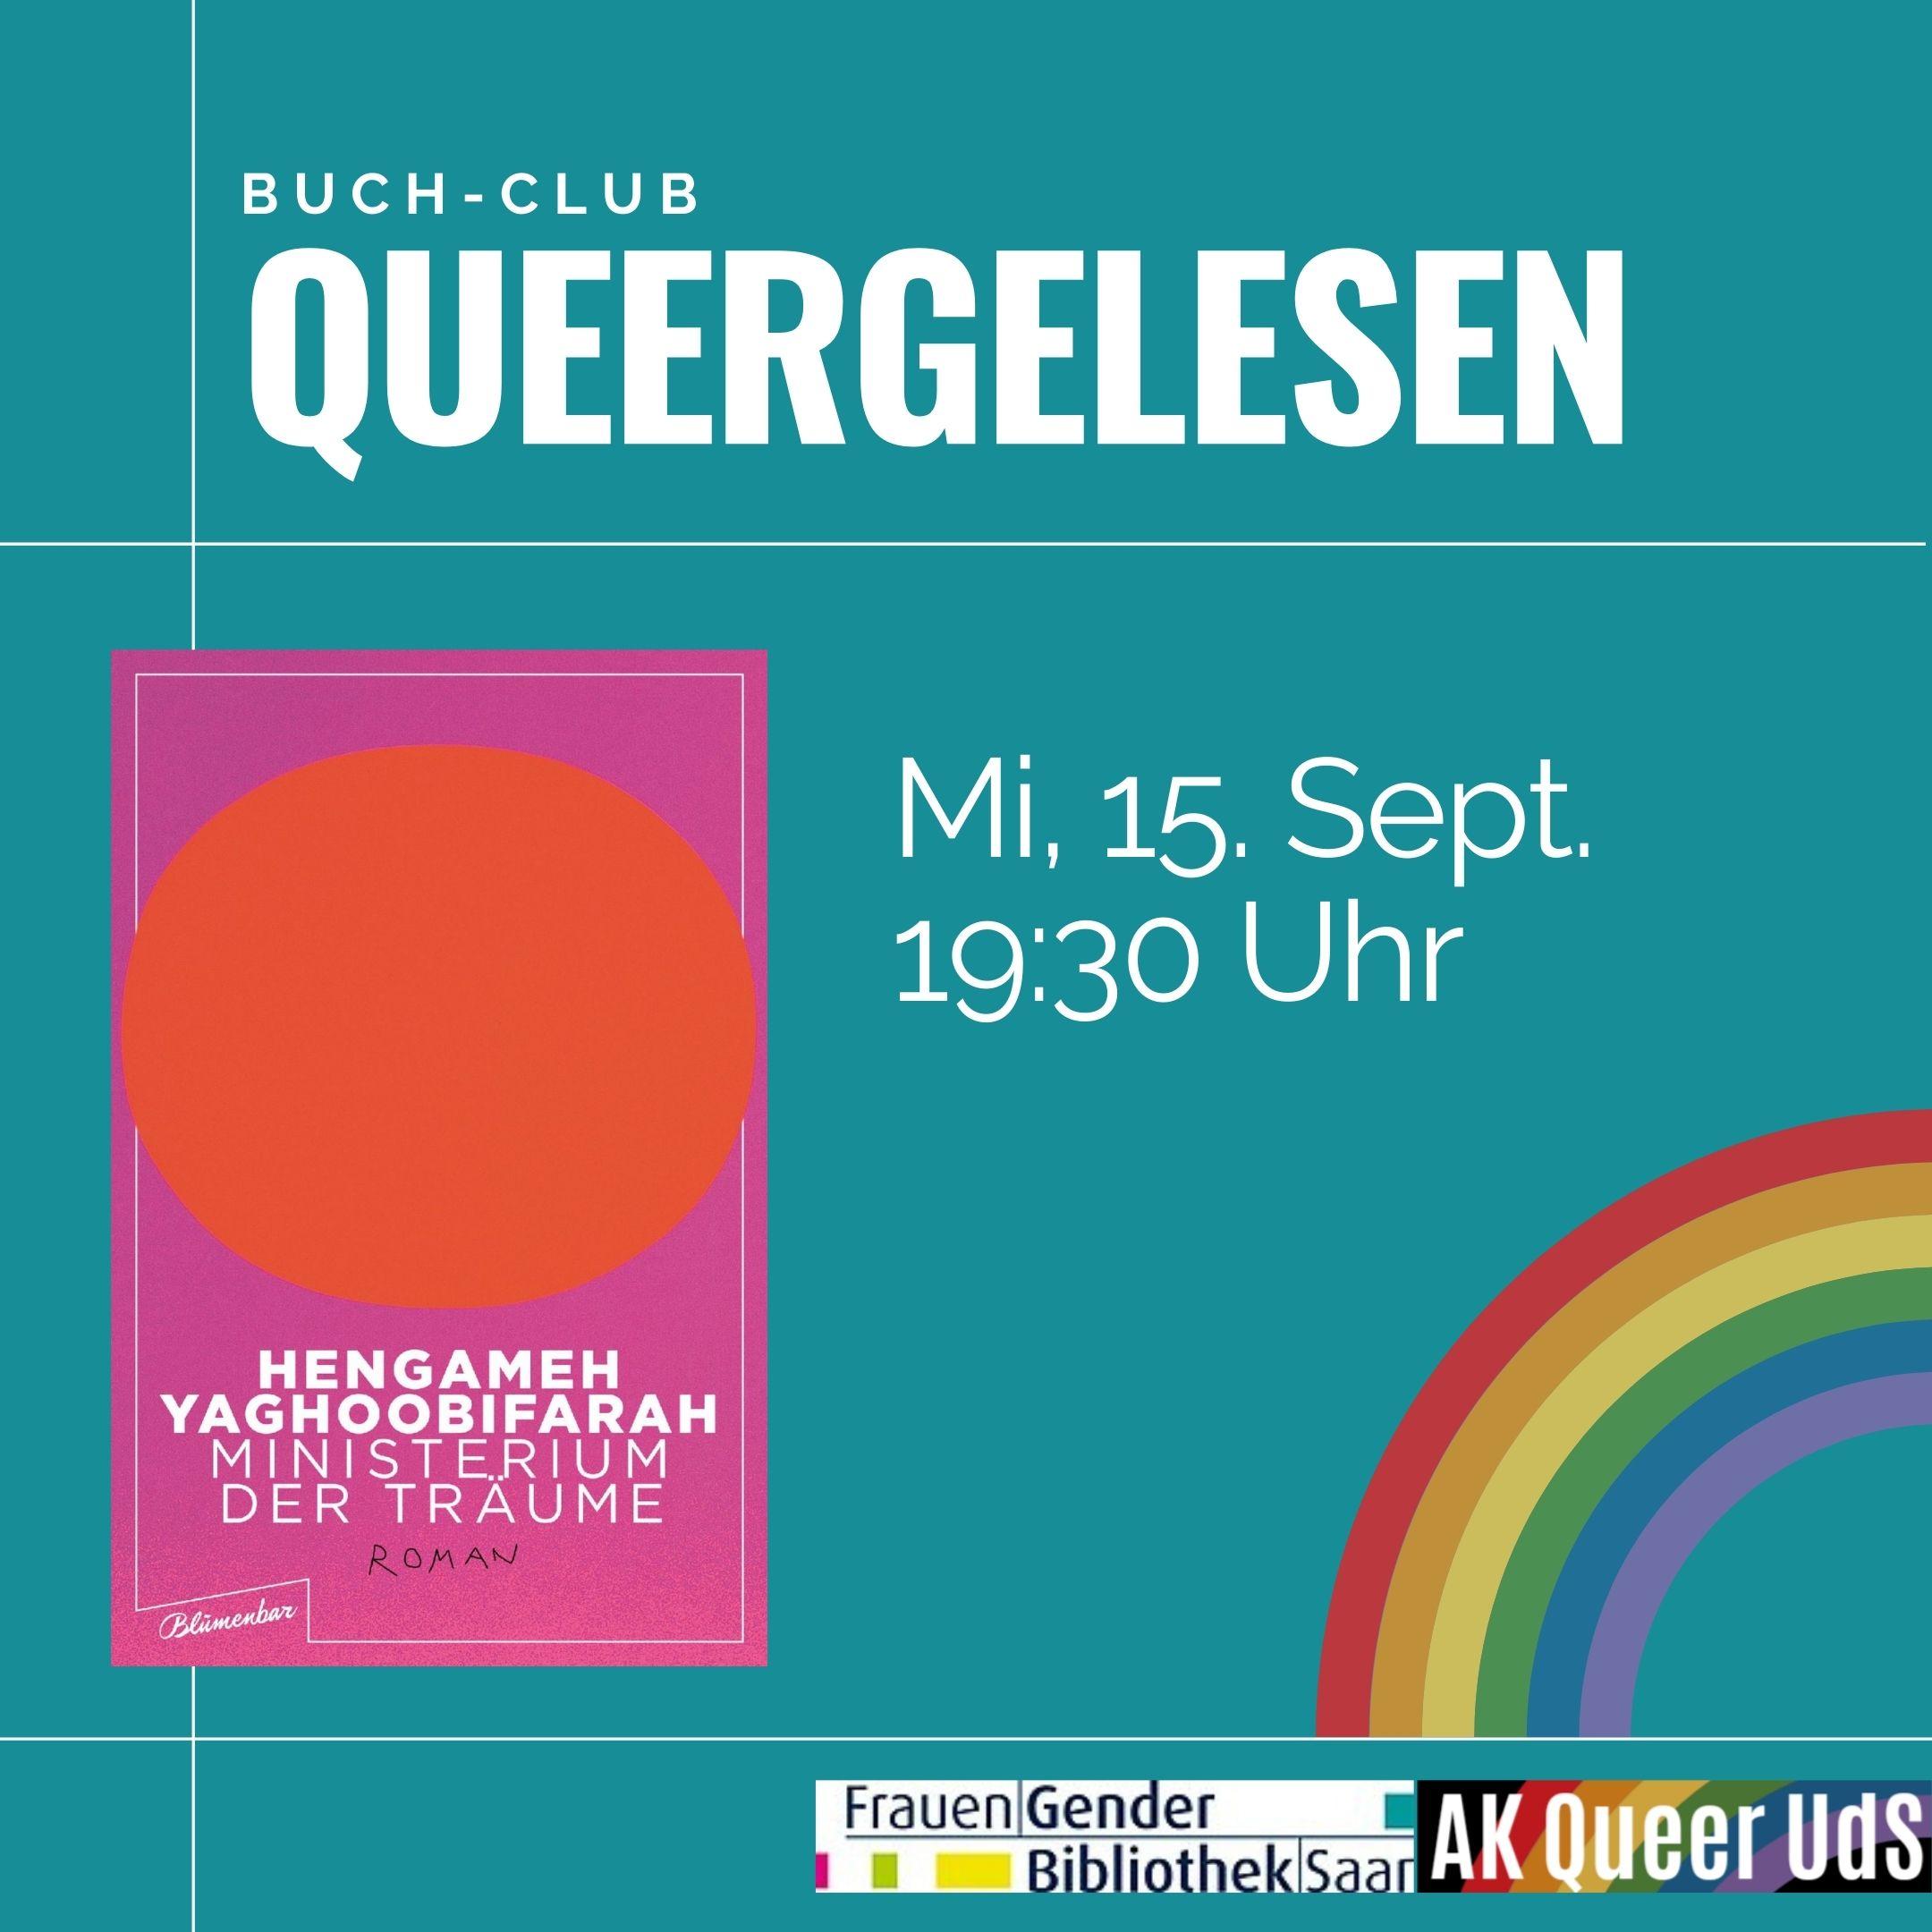 """Nächstes Treffen von """"Queergelesen"""" am Mittwoch, 15.9.2021, um 19:30 Uhr"""